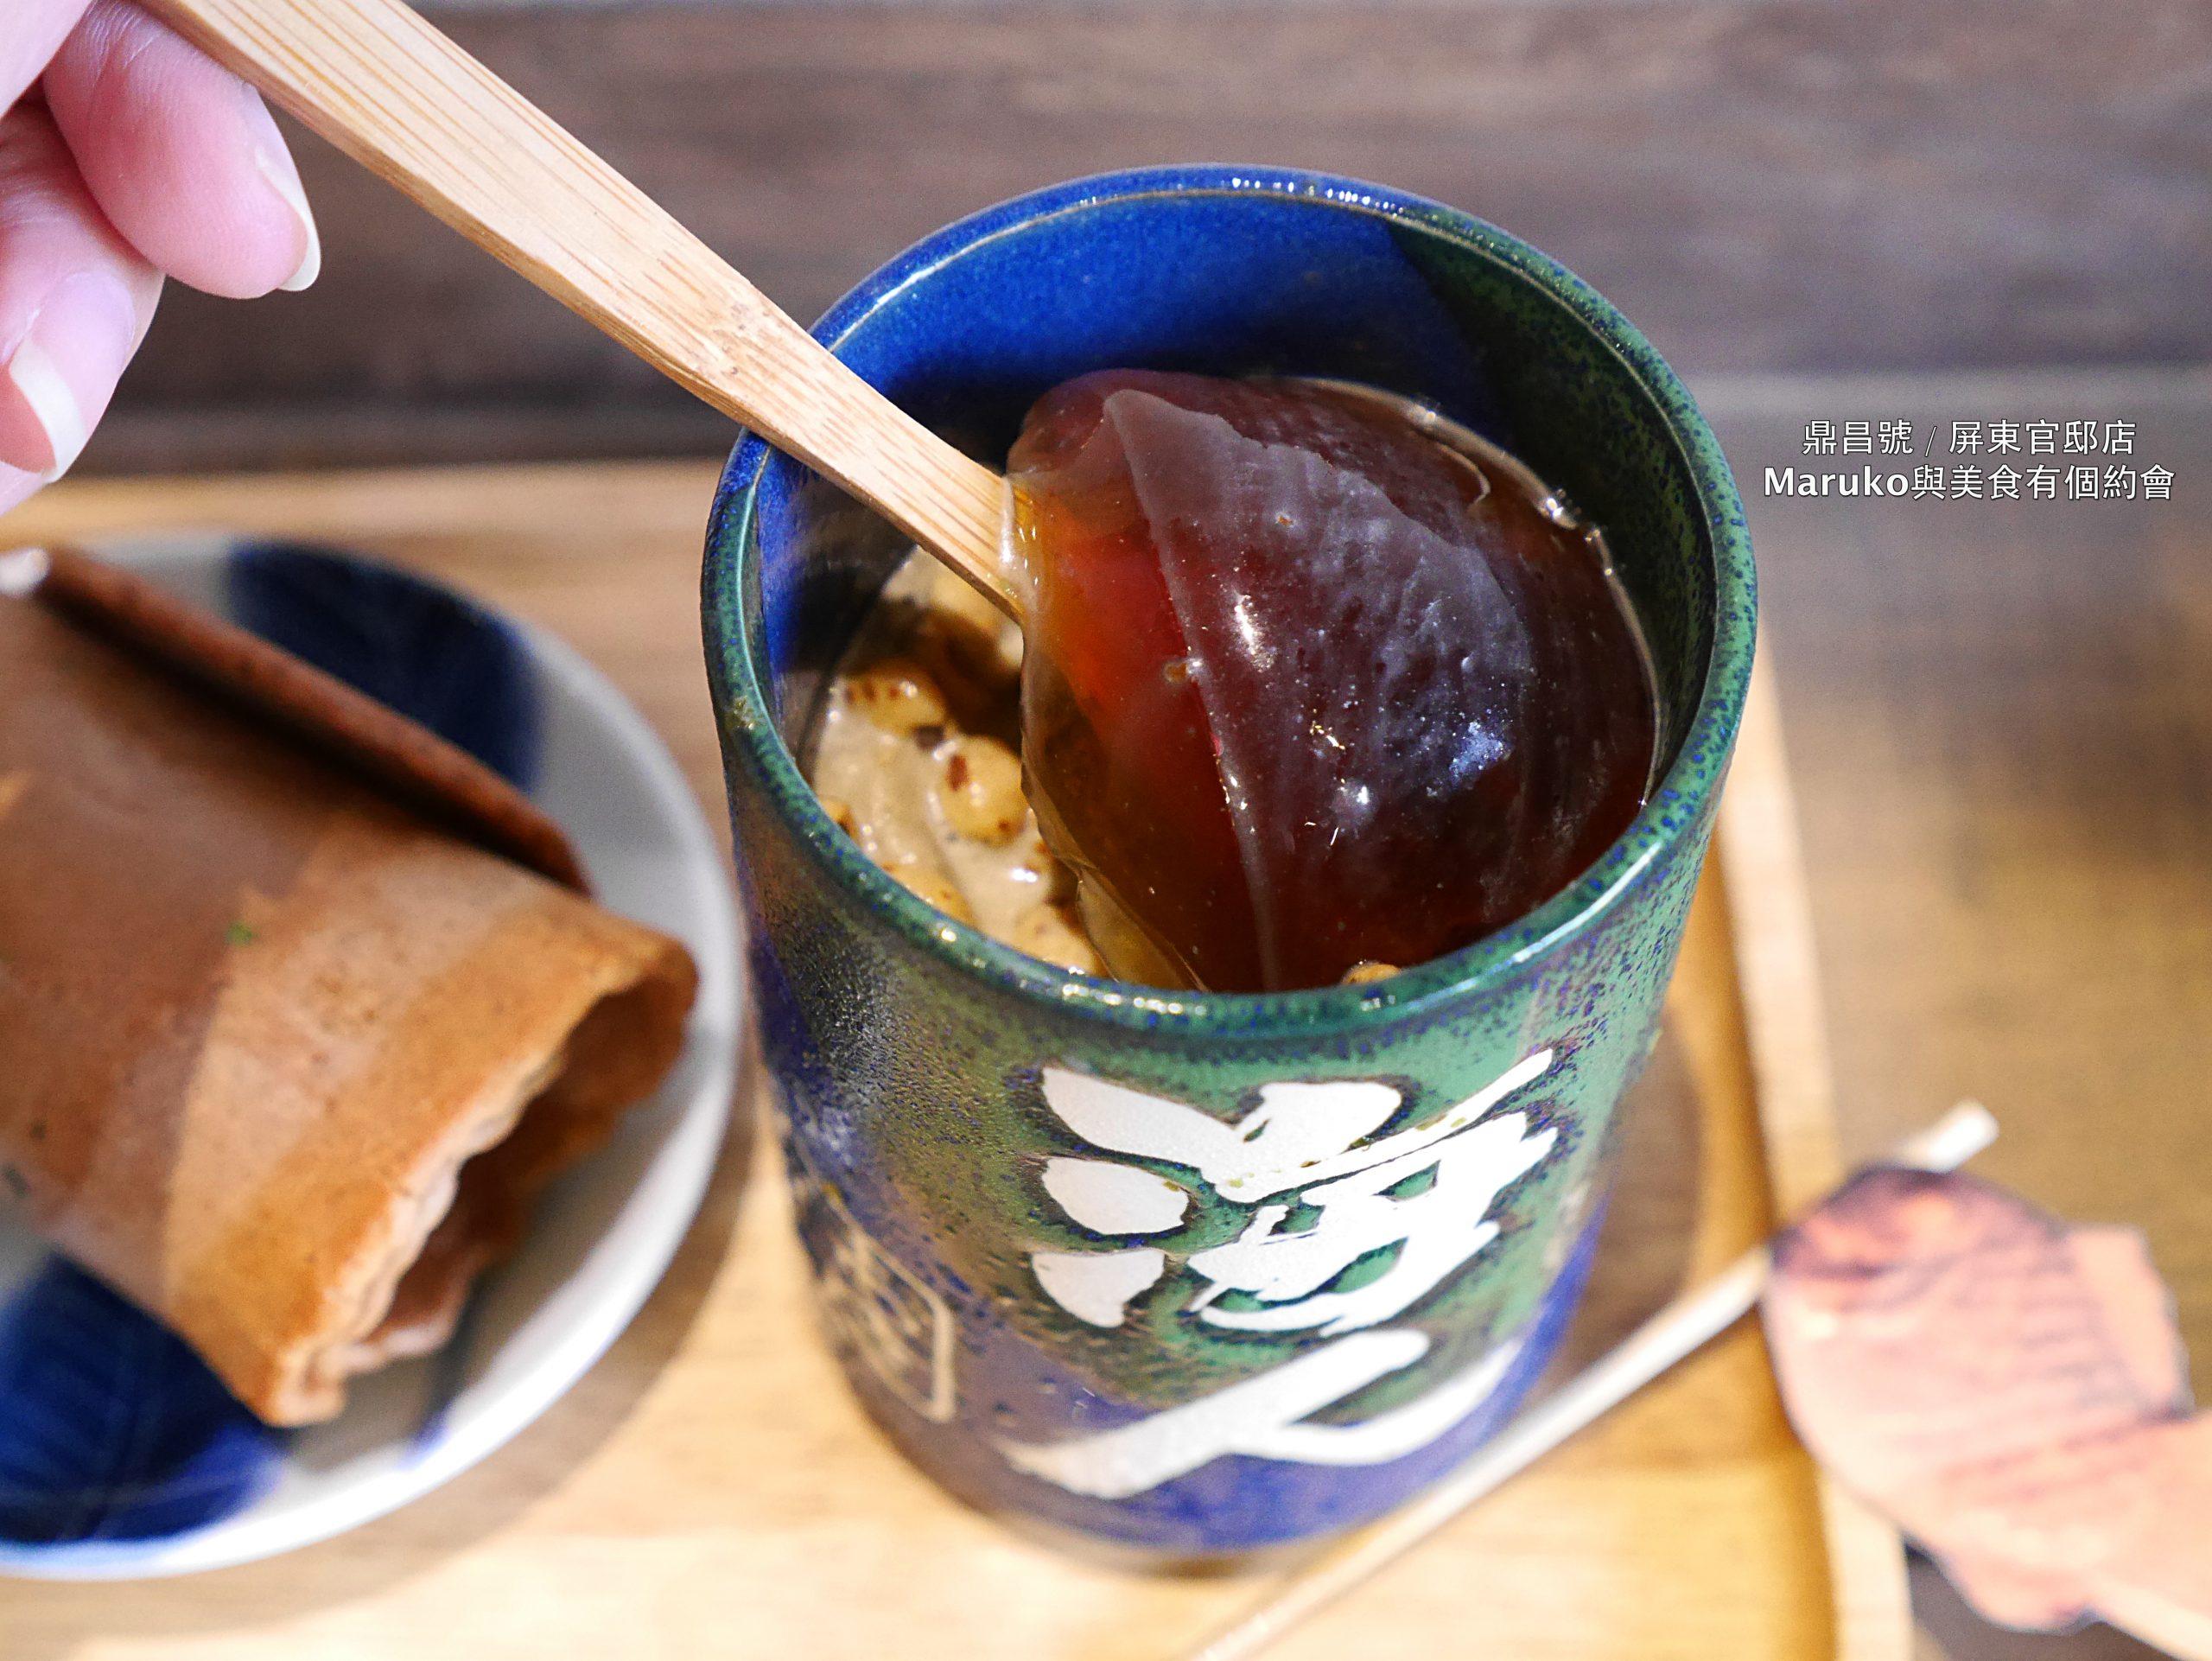 【屏東 / 在地好滋味】鼎昌號亞細亞最南端的甘味處 濃香焙茶海人限定 / 屏東官邸店 @Maruko與美食有個約會